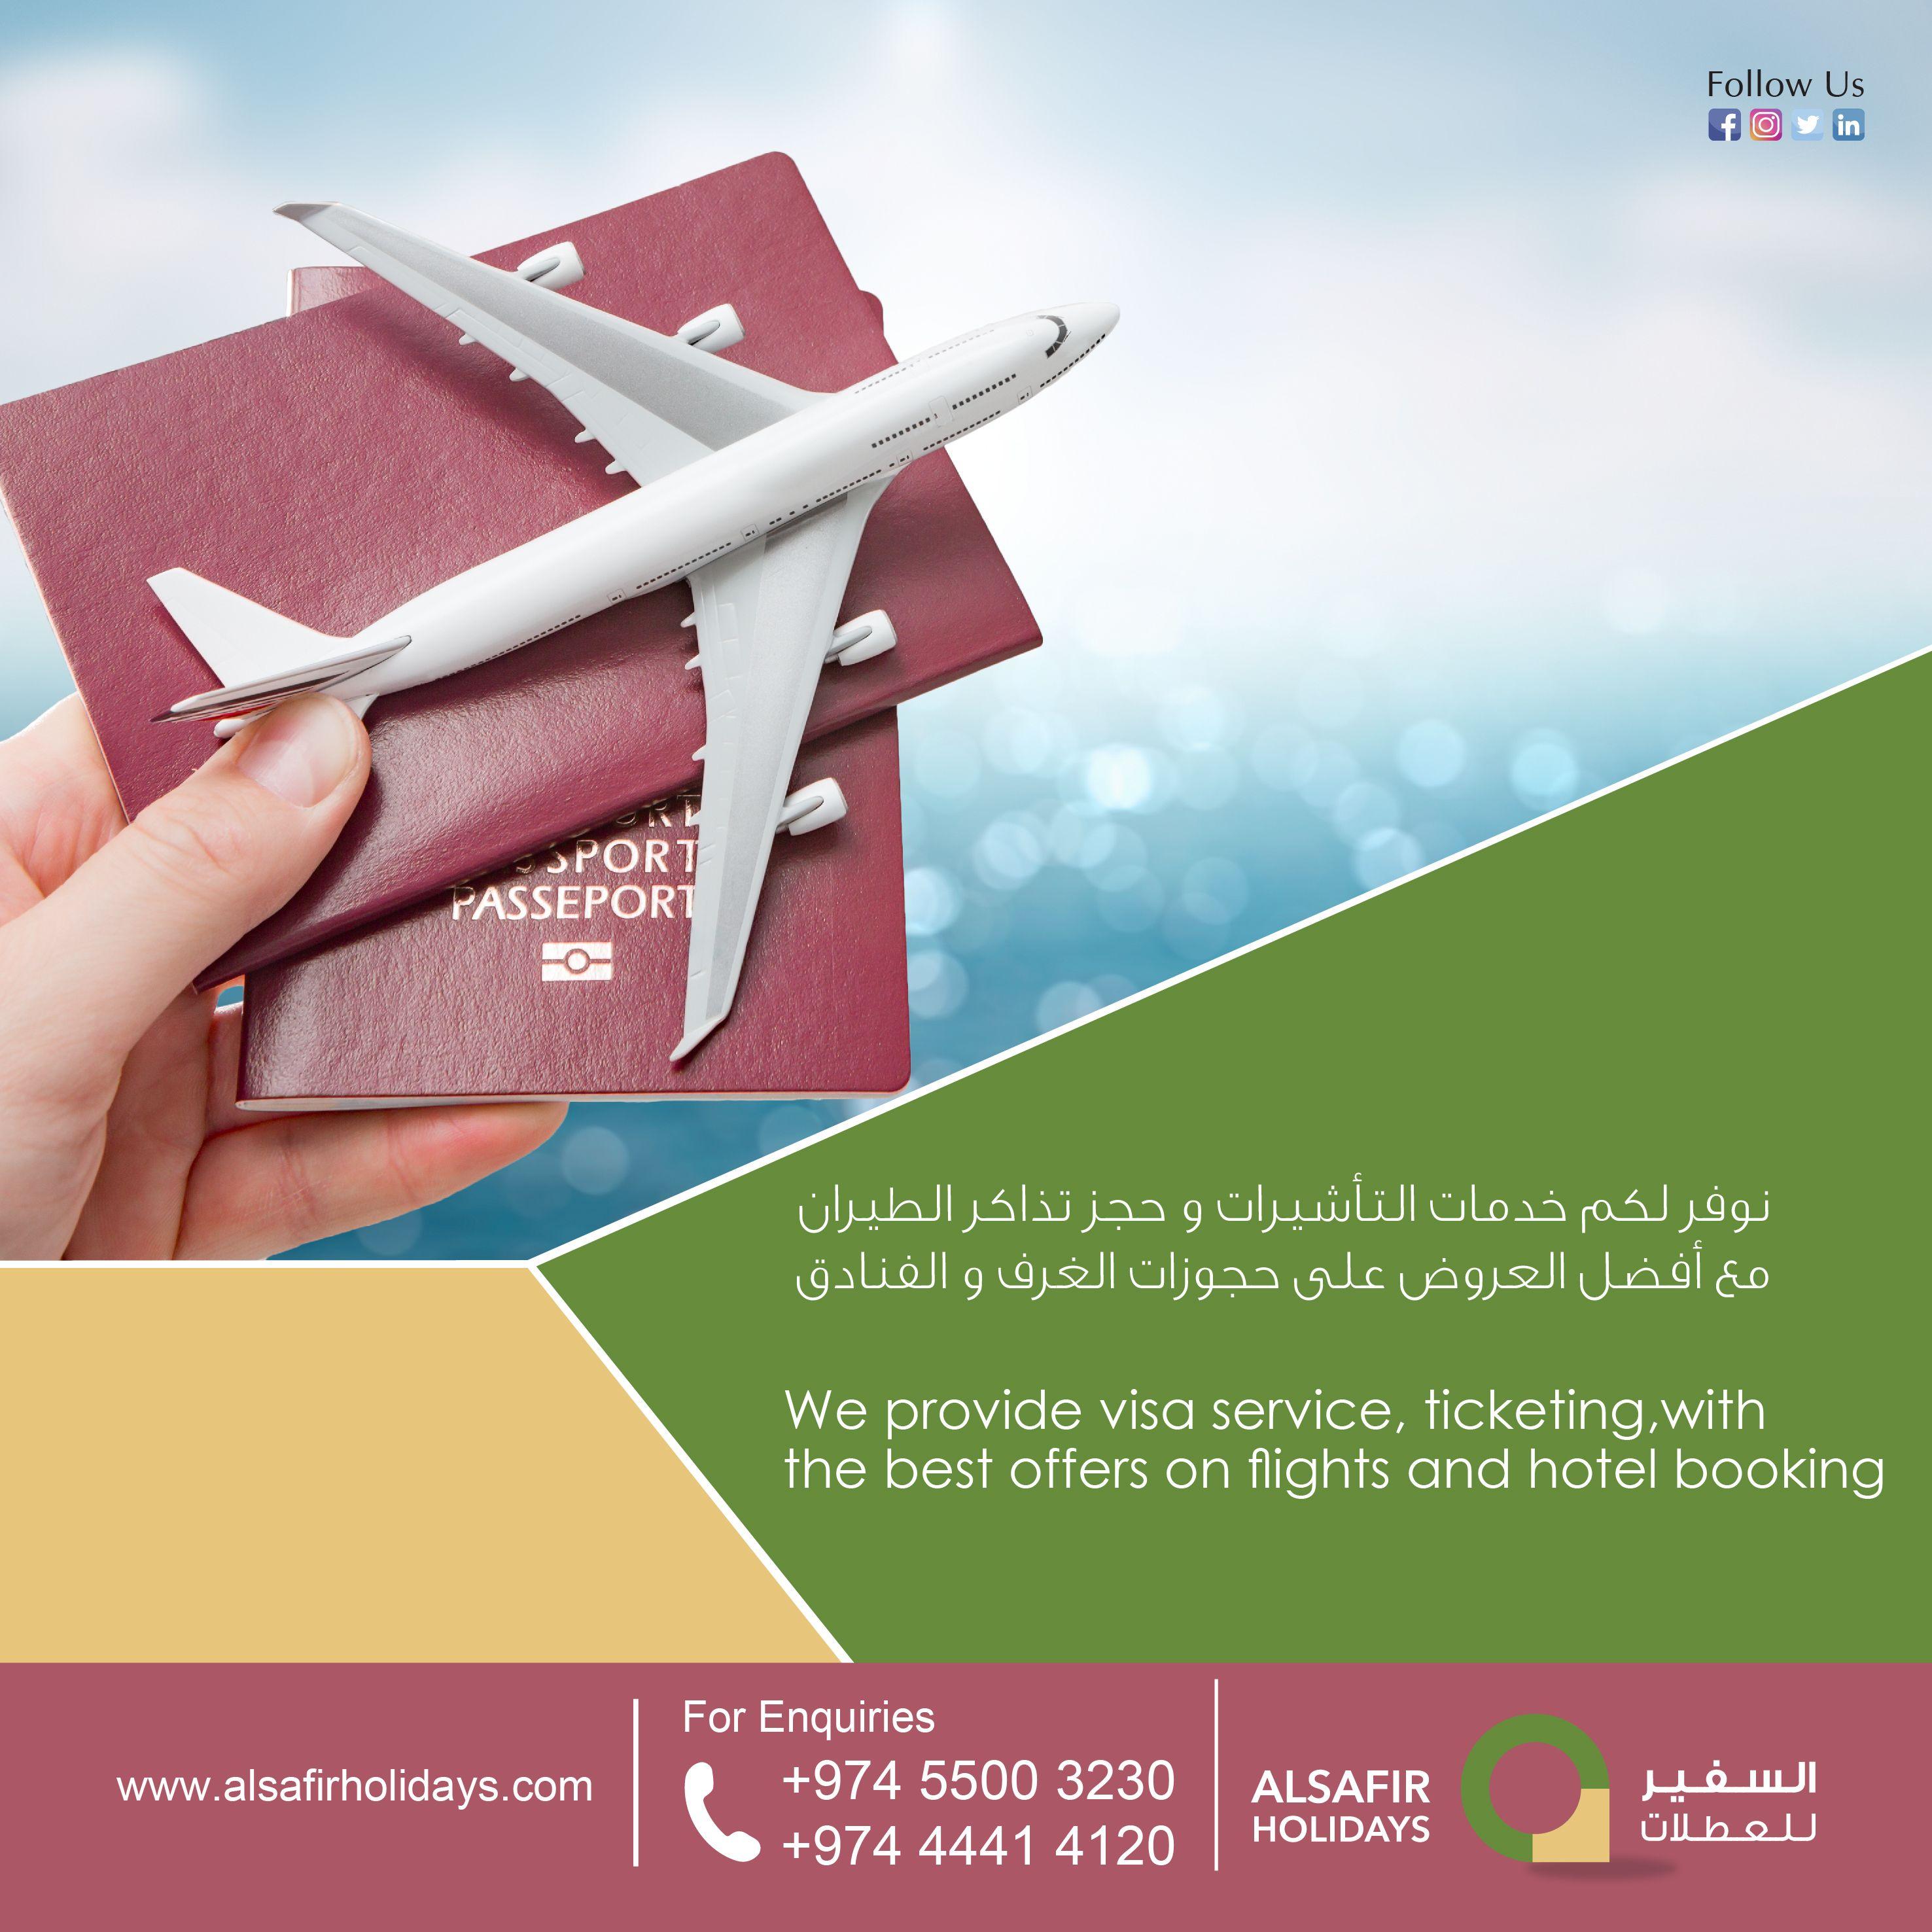 نوفر لكم خدمات التأشيرات و حجز تذاكر الطيران مع أفضل العروض على حجوزات الغرف و الفنادق السفير للعطلات We Provide Visa Serv Flight And Hotel Holiday Hotel